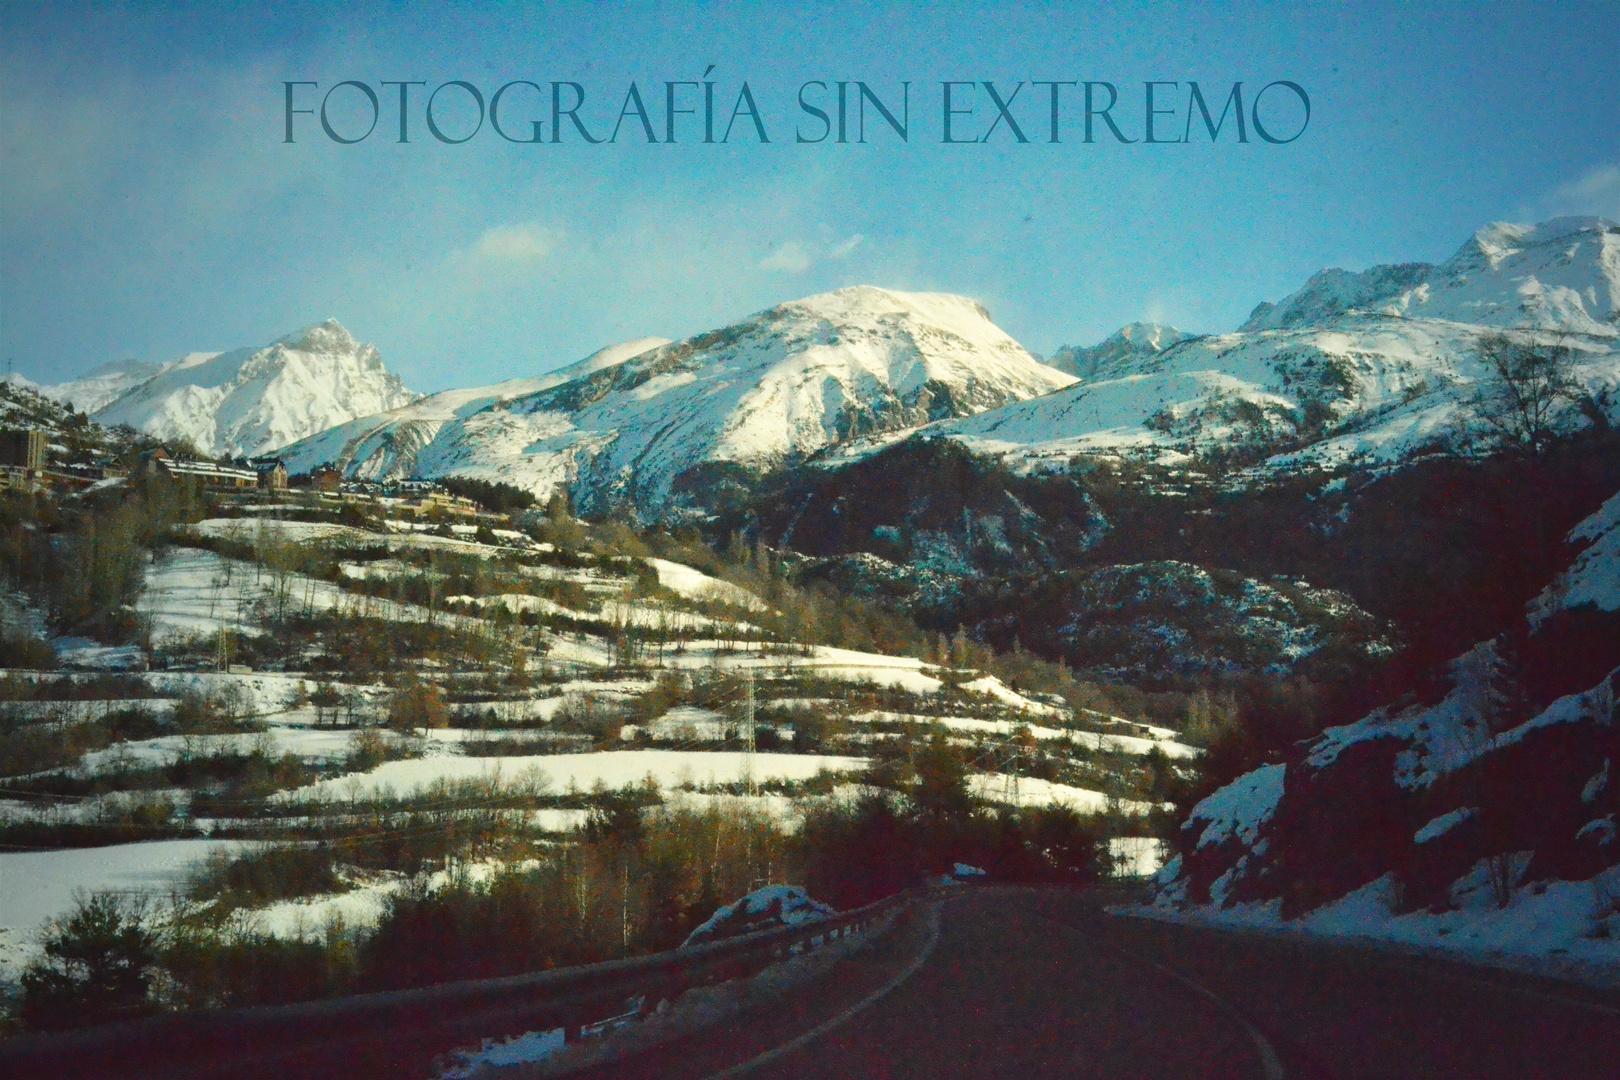 Fotografía Sin Extremo